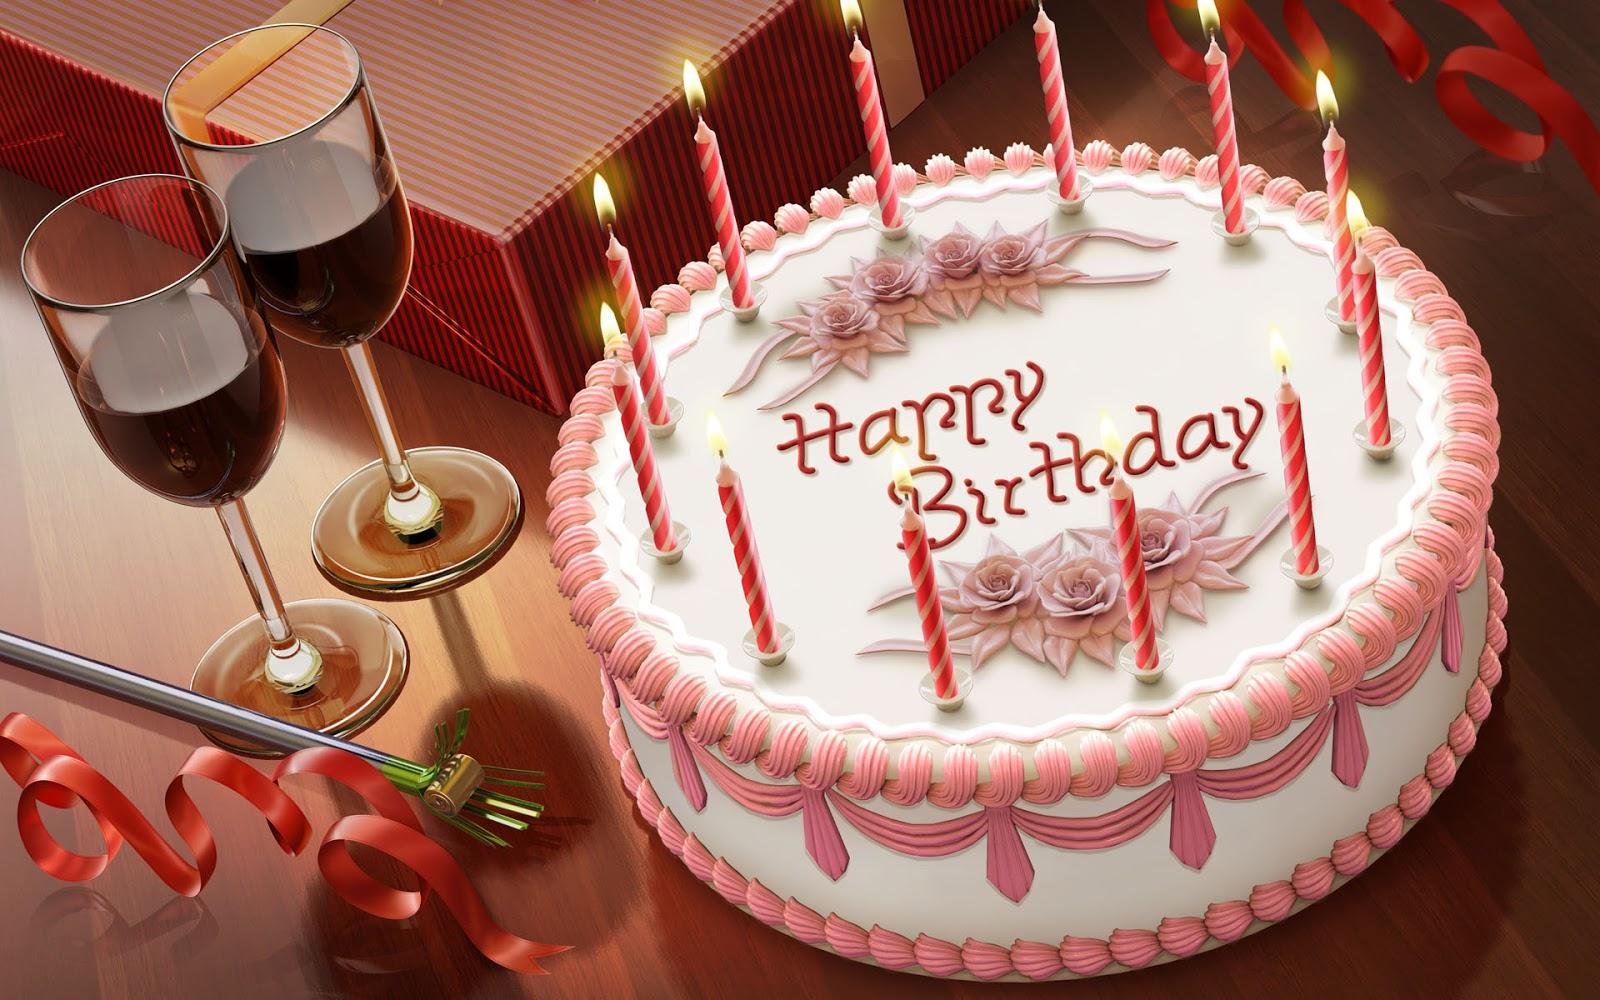 بالصور تورتة عيد ميلاد , اجمل اشكال التورت للاحتفال بعيد ميلادك 6231 5